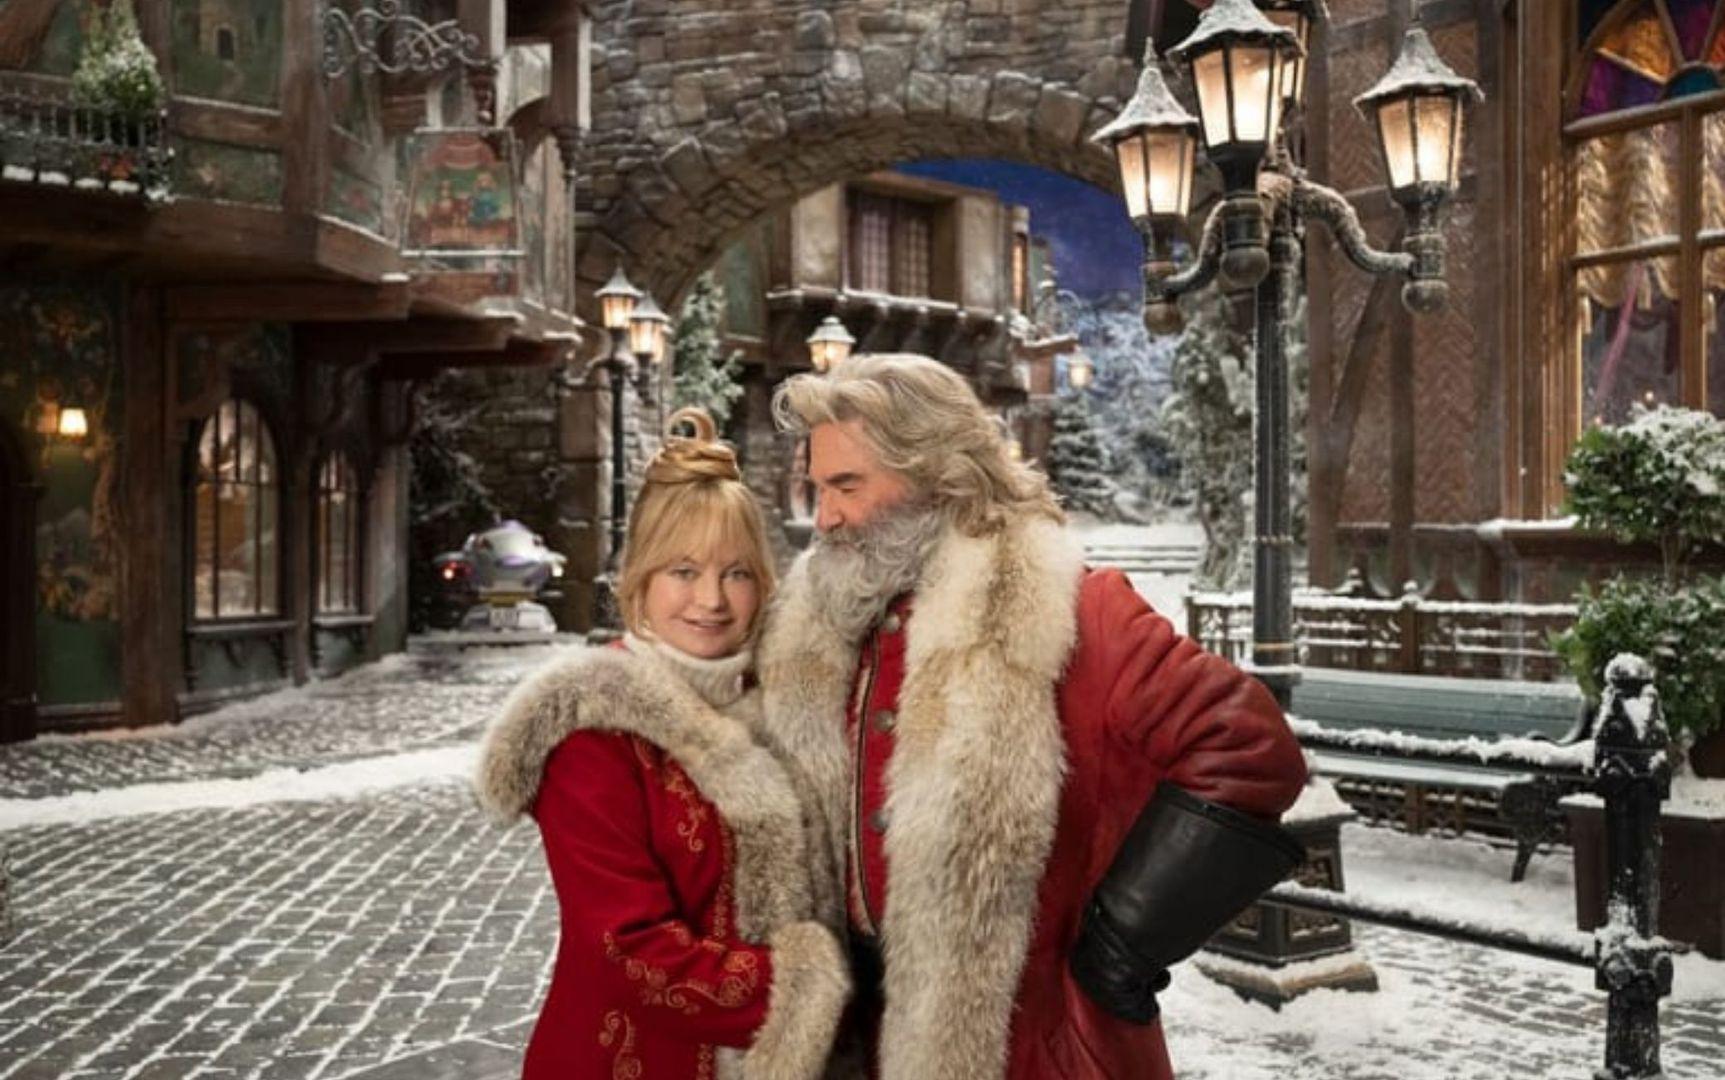 Qualcuno salvi il Natale 2, il film perfetto per Natale